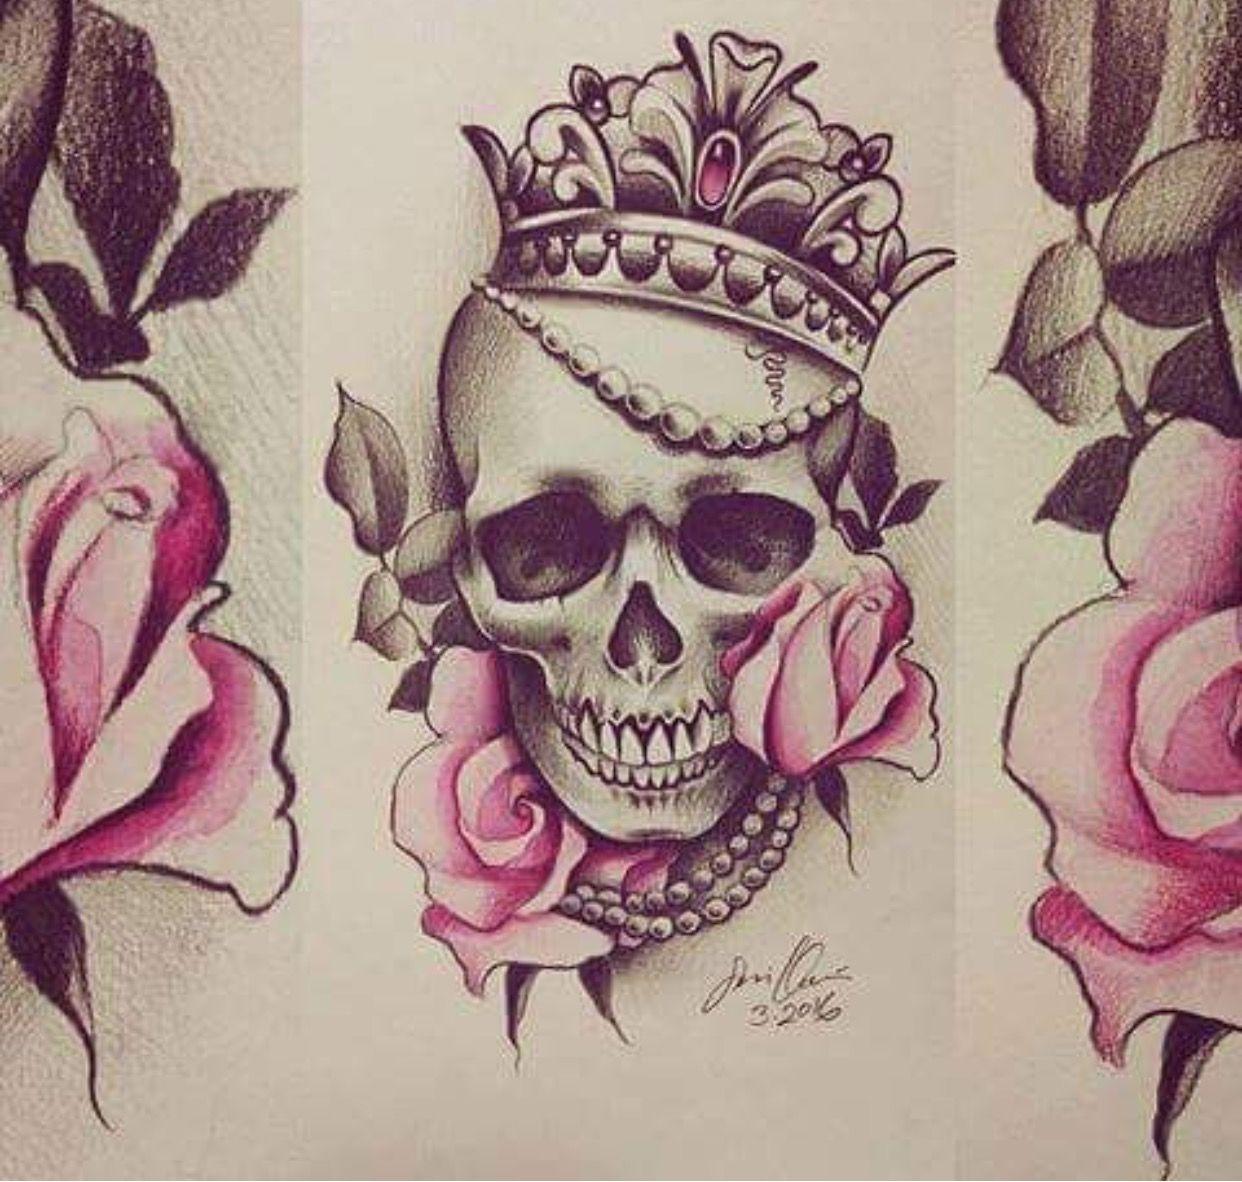 Cranio Coroa Joias Rosas Preto E Branco Desenho Arte